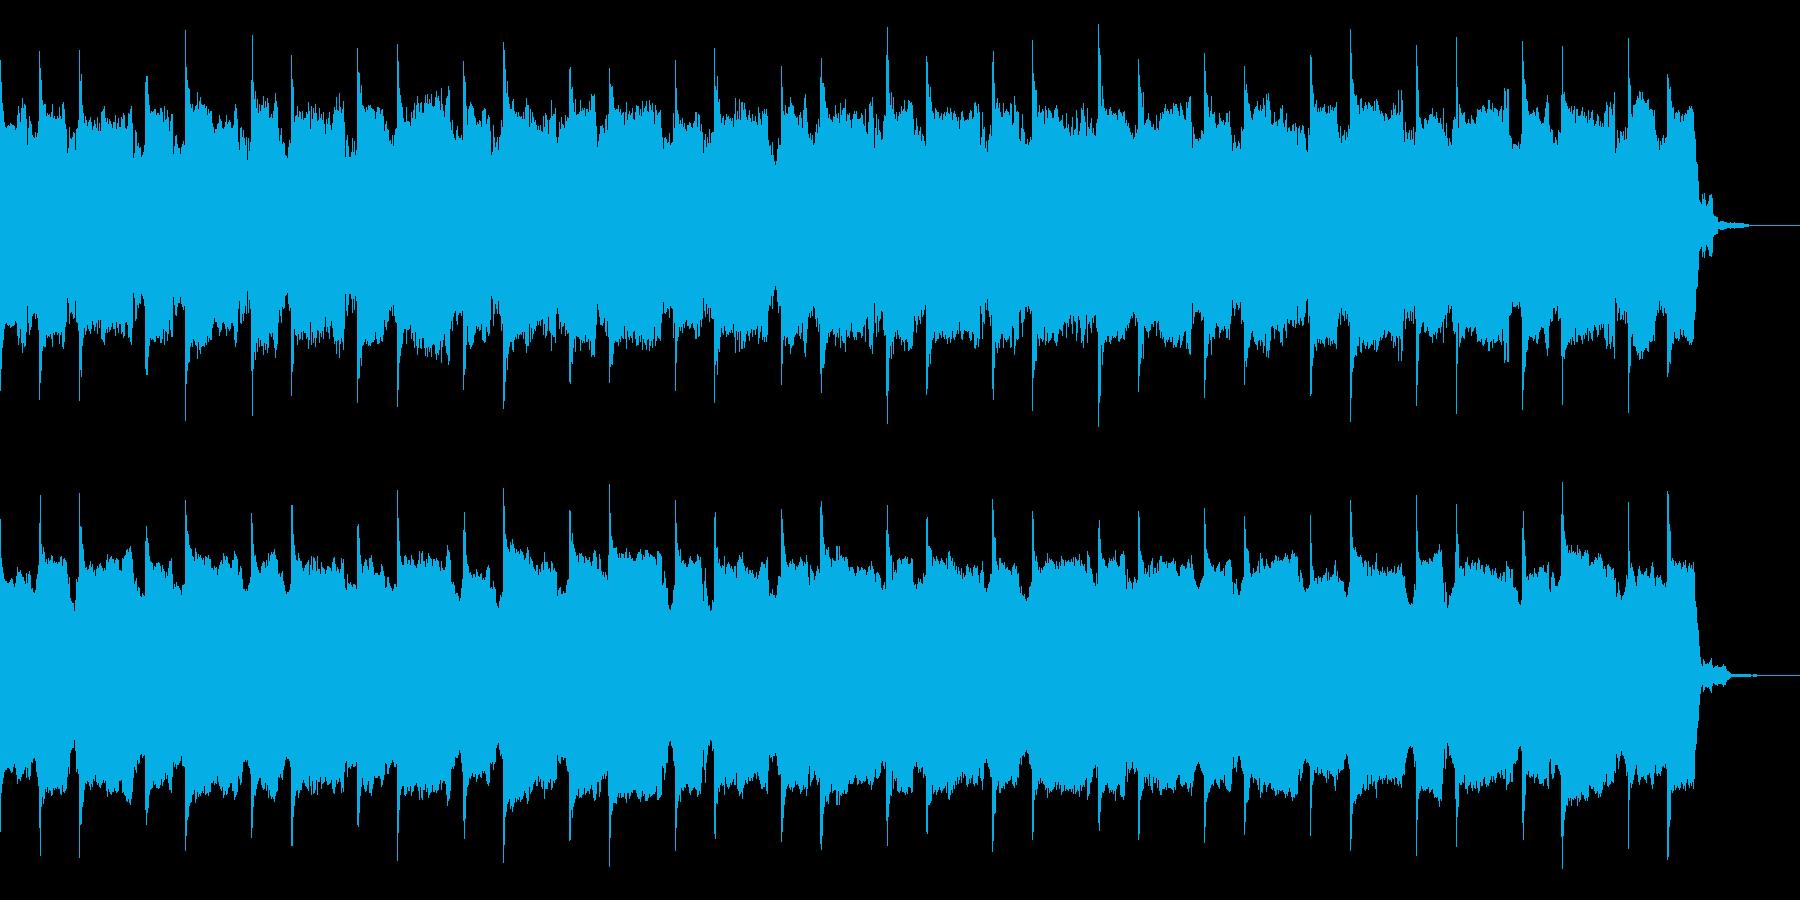 シリアスで感動的な歪んだシンセのインストの再生済みの波形